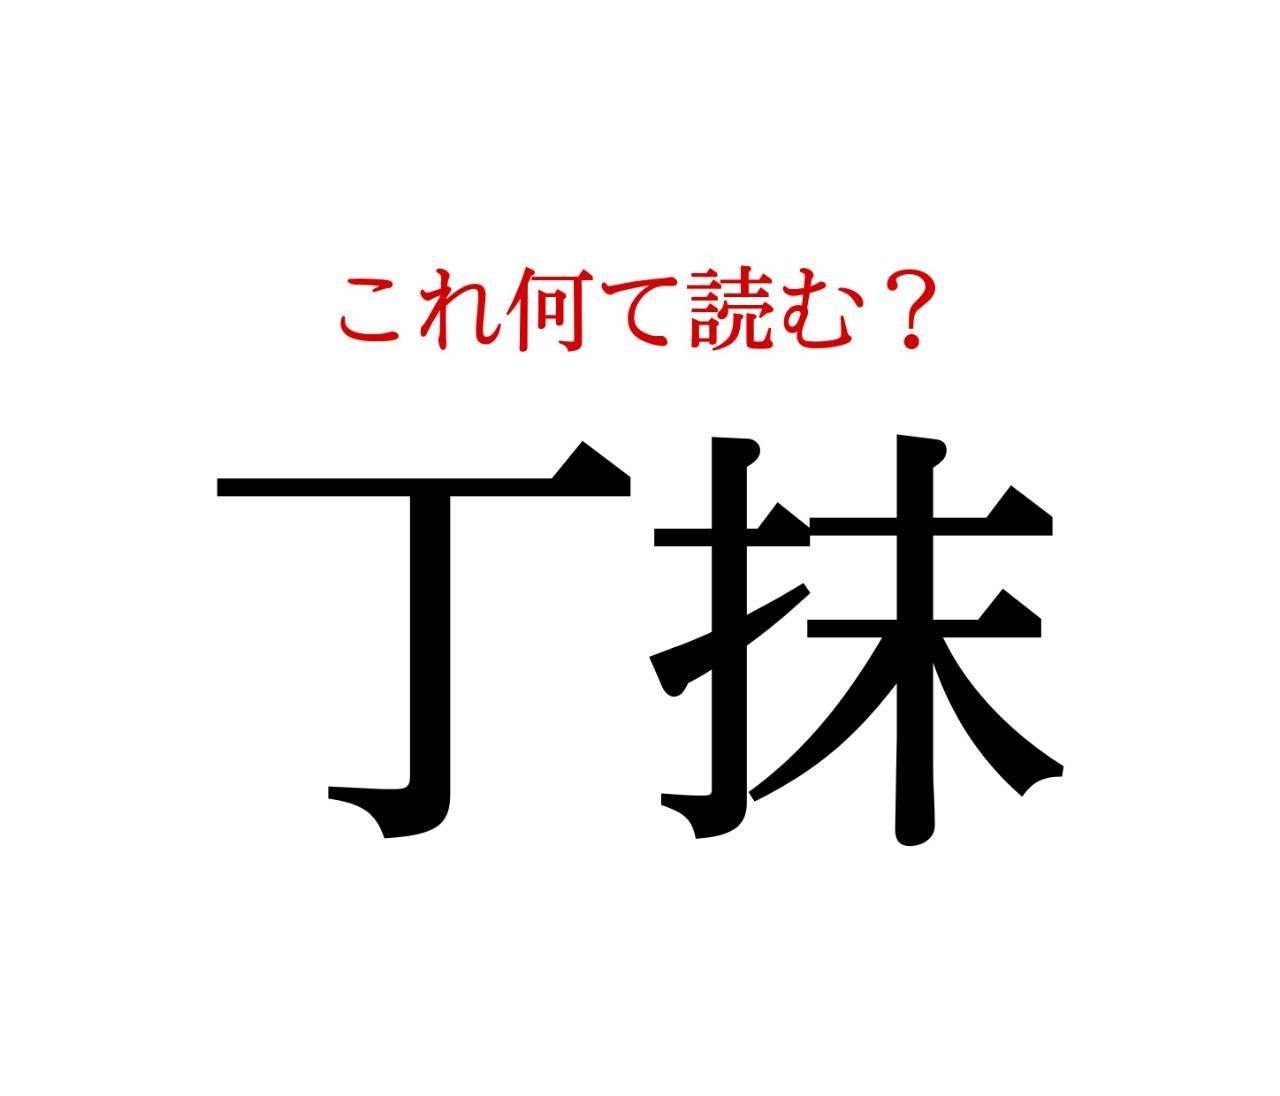 「丁抹」:この漢字、自信を持って読めますか?【働く大人の漢字クイズvol.31】